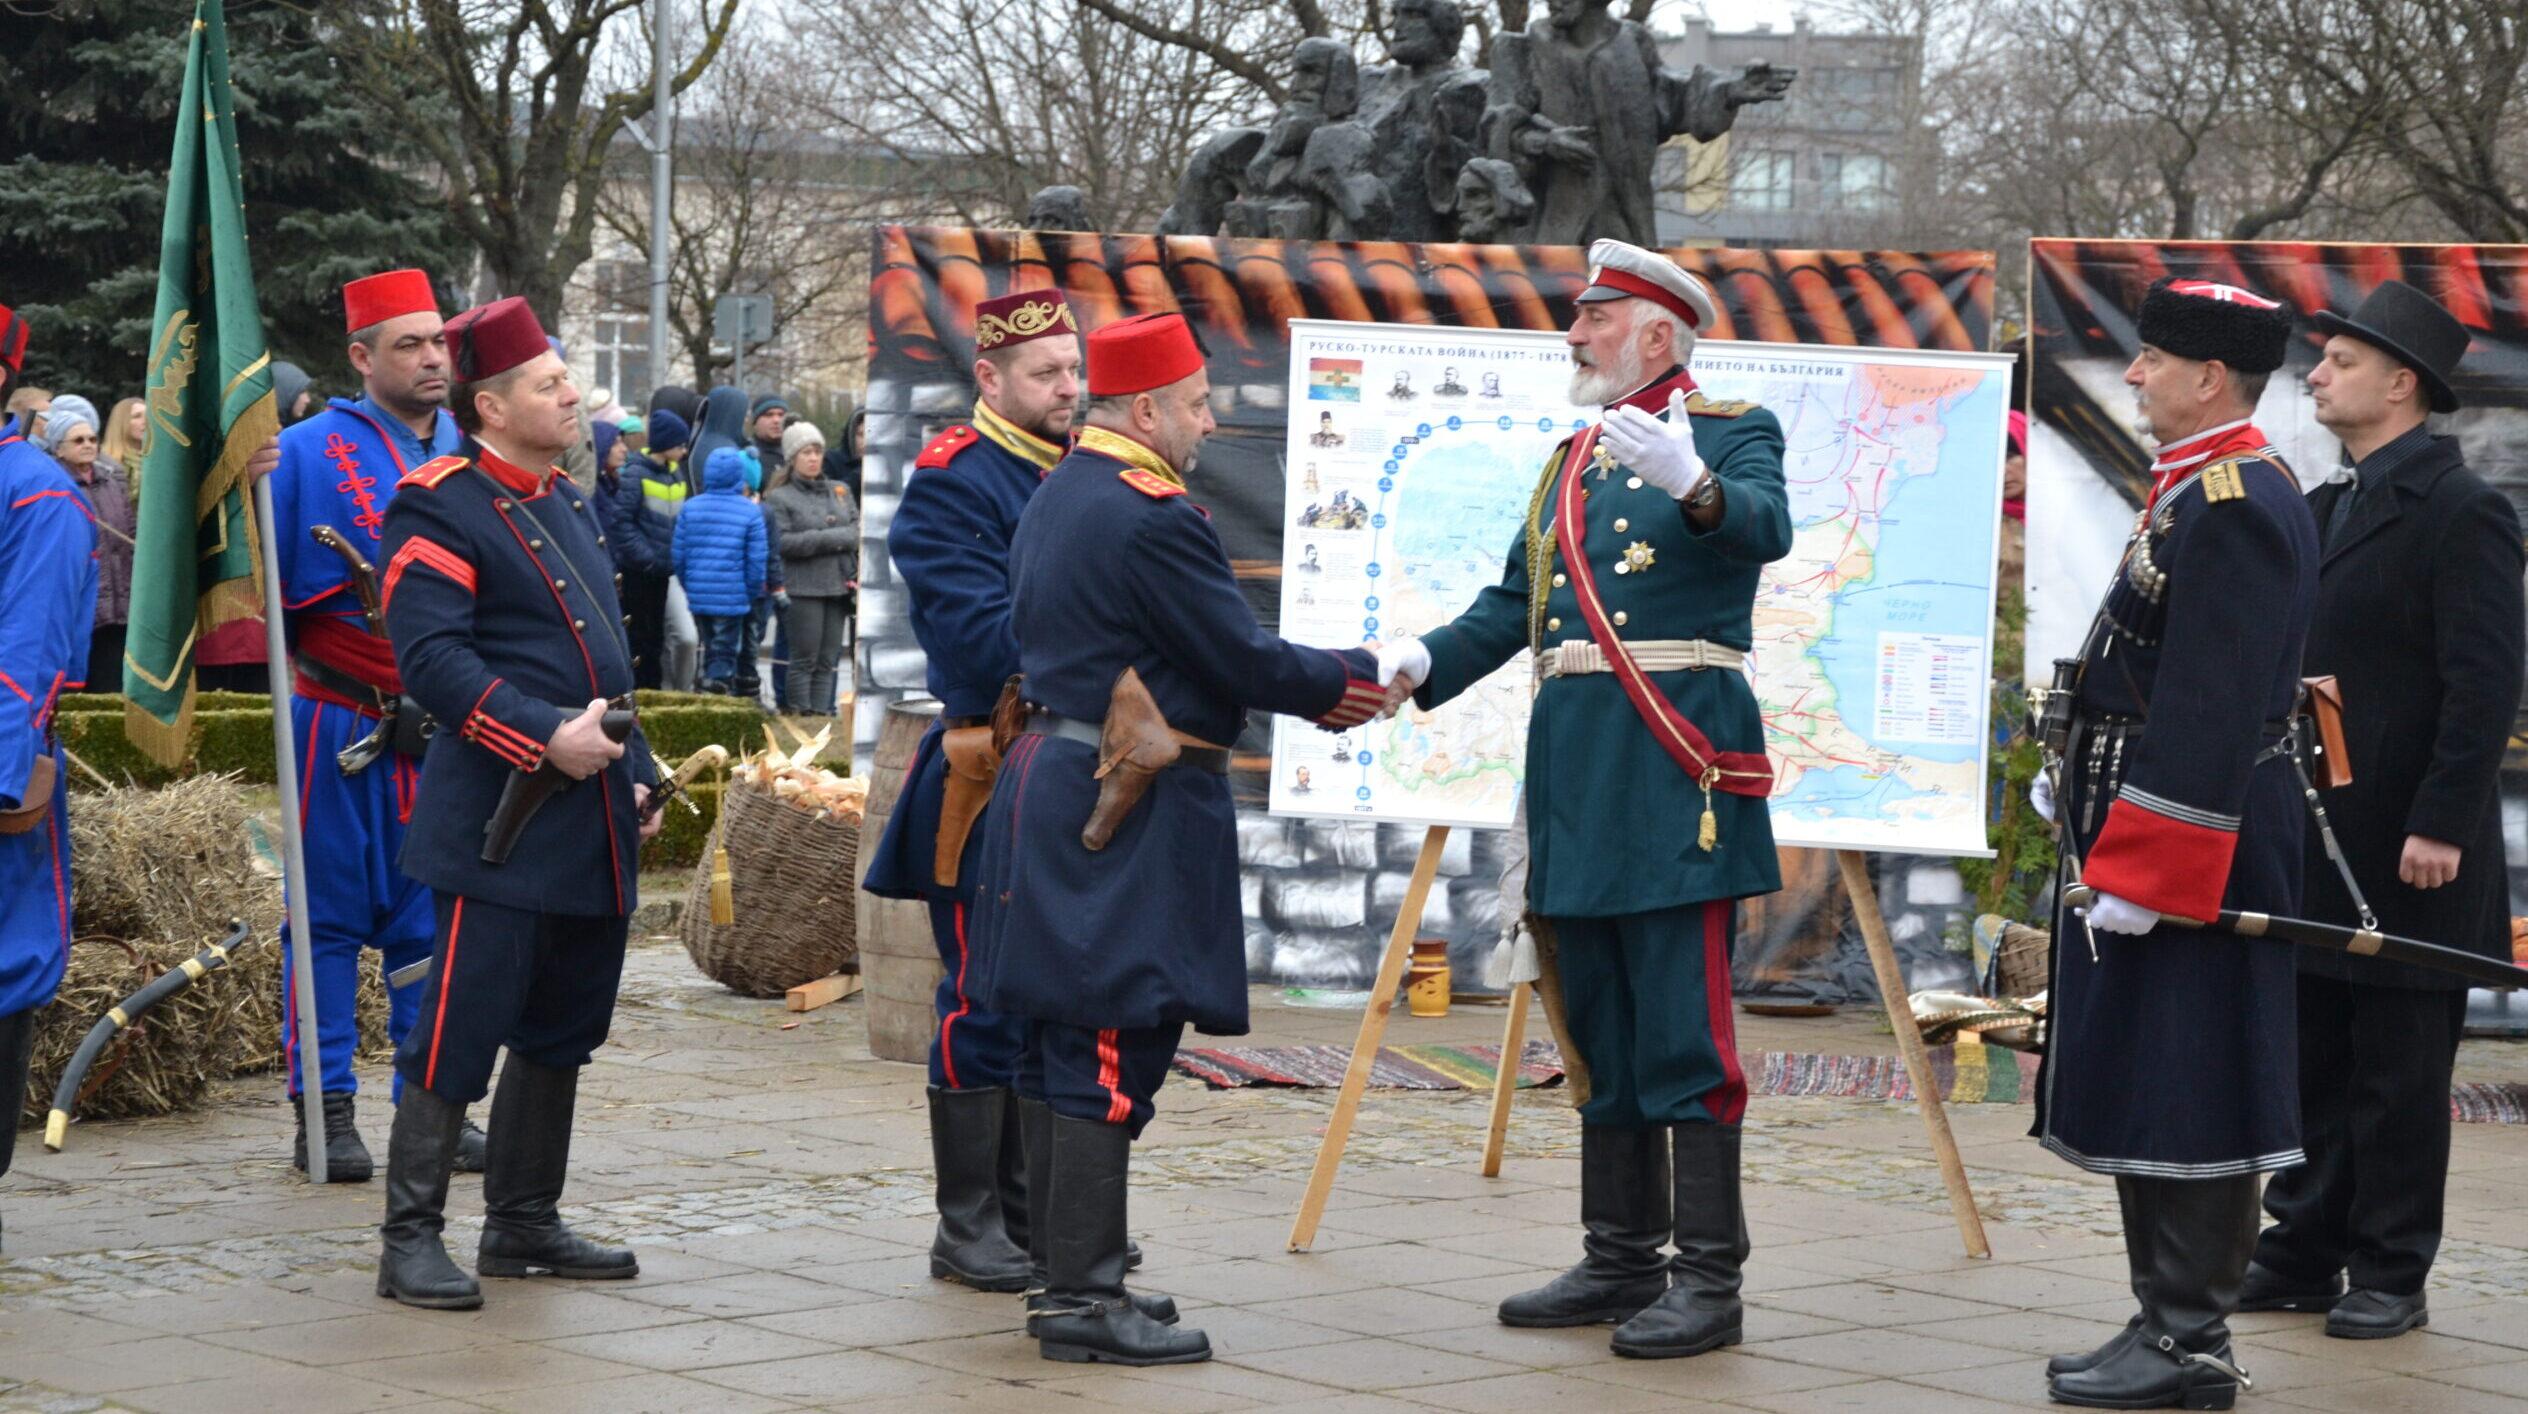 Тържество на площада, рокерско шествие и отворен музей ...